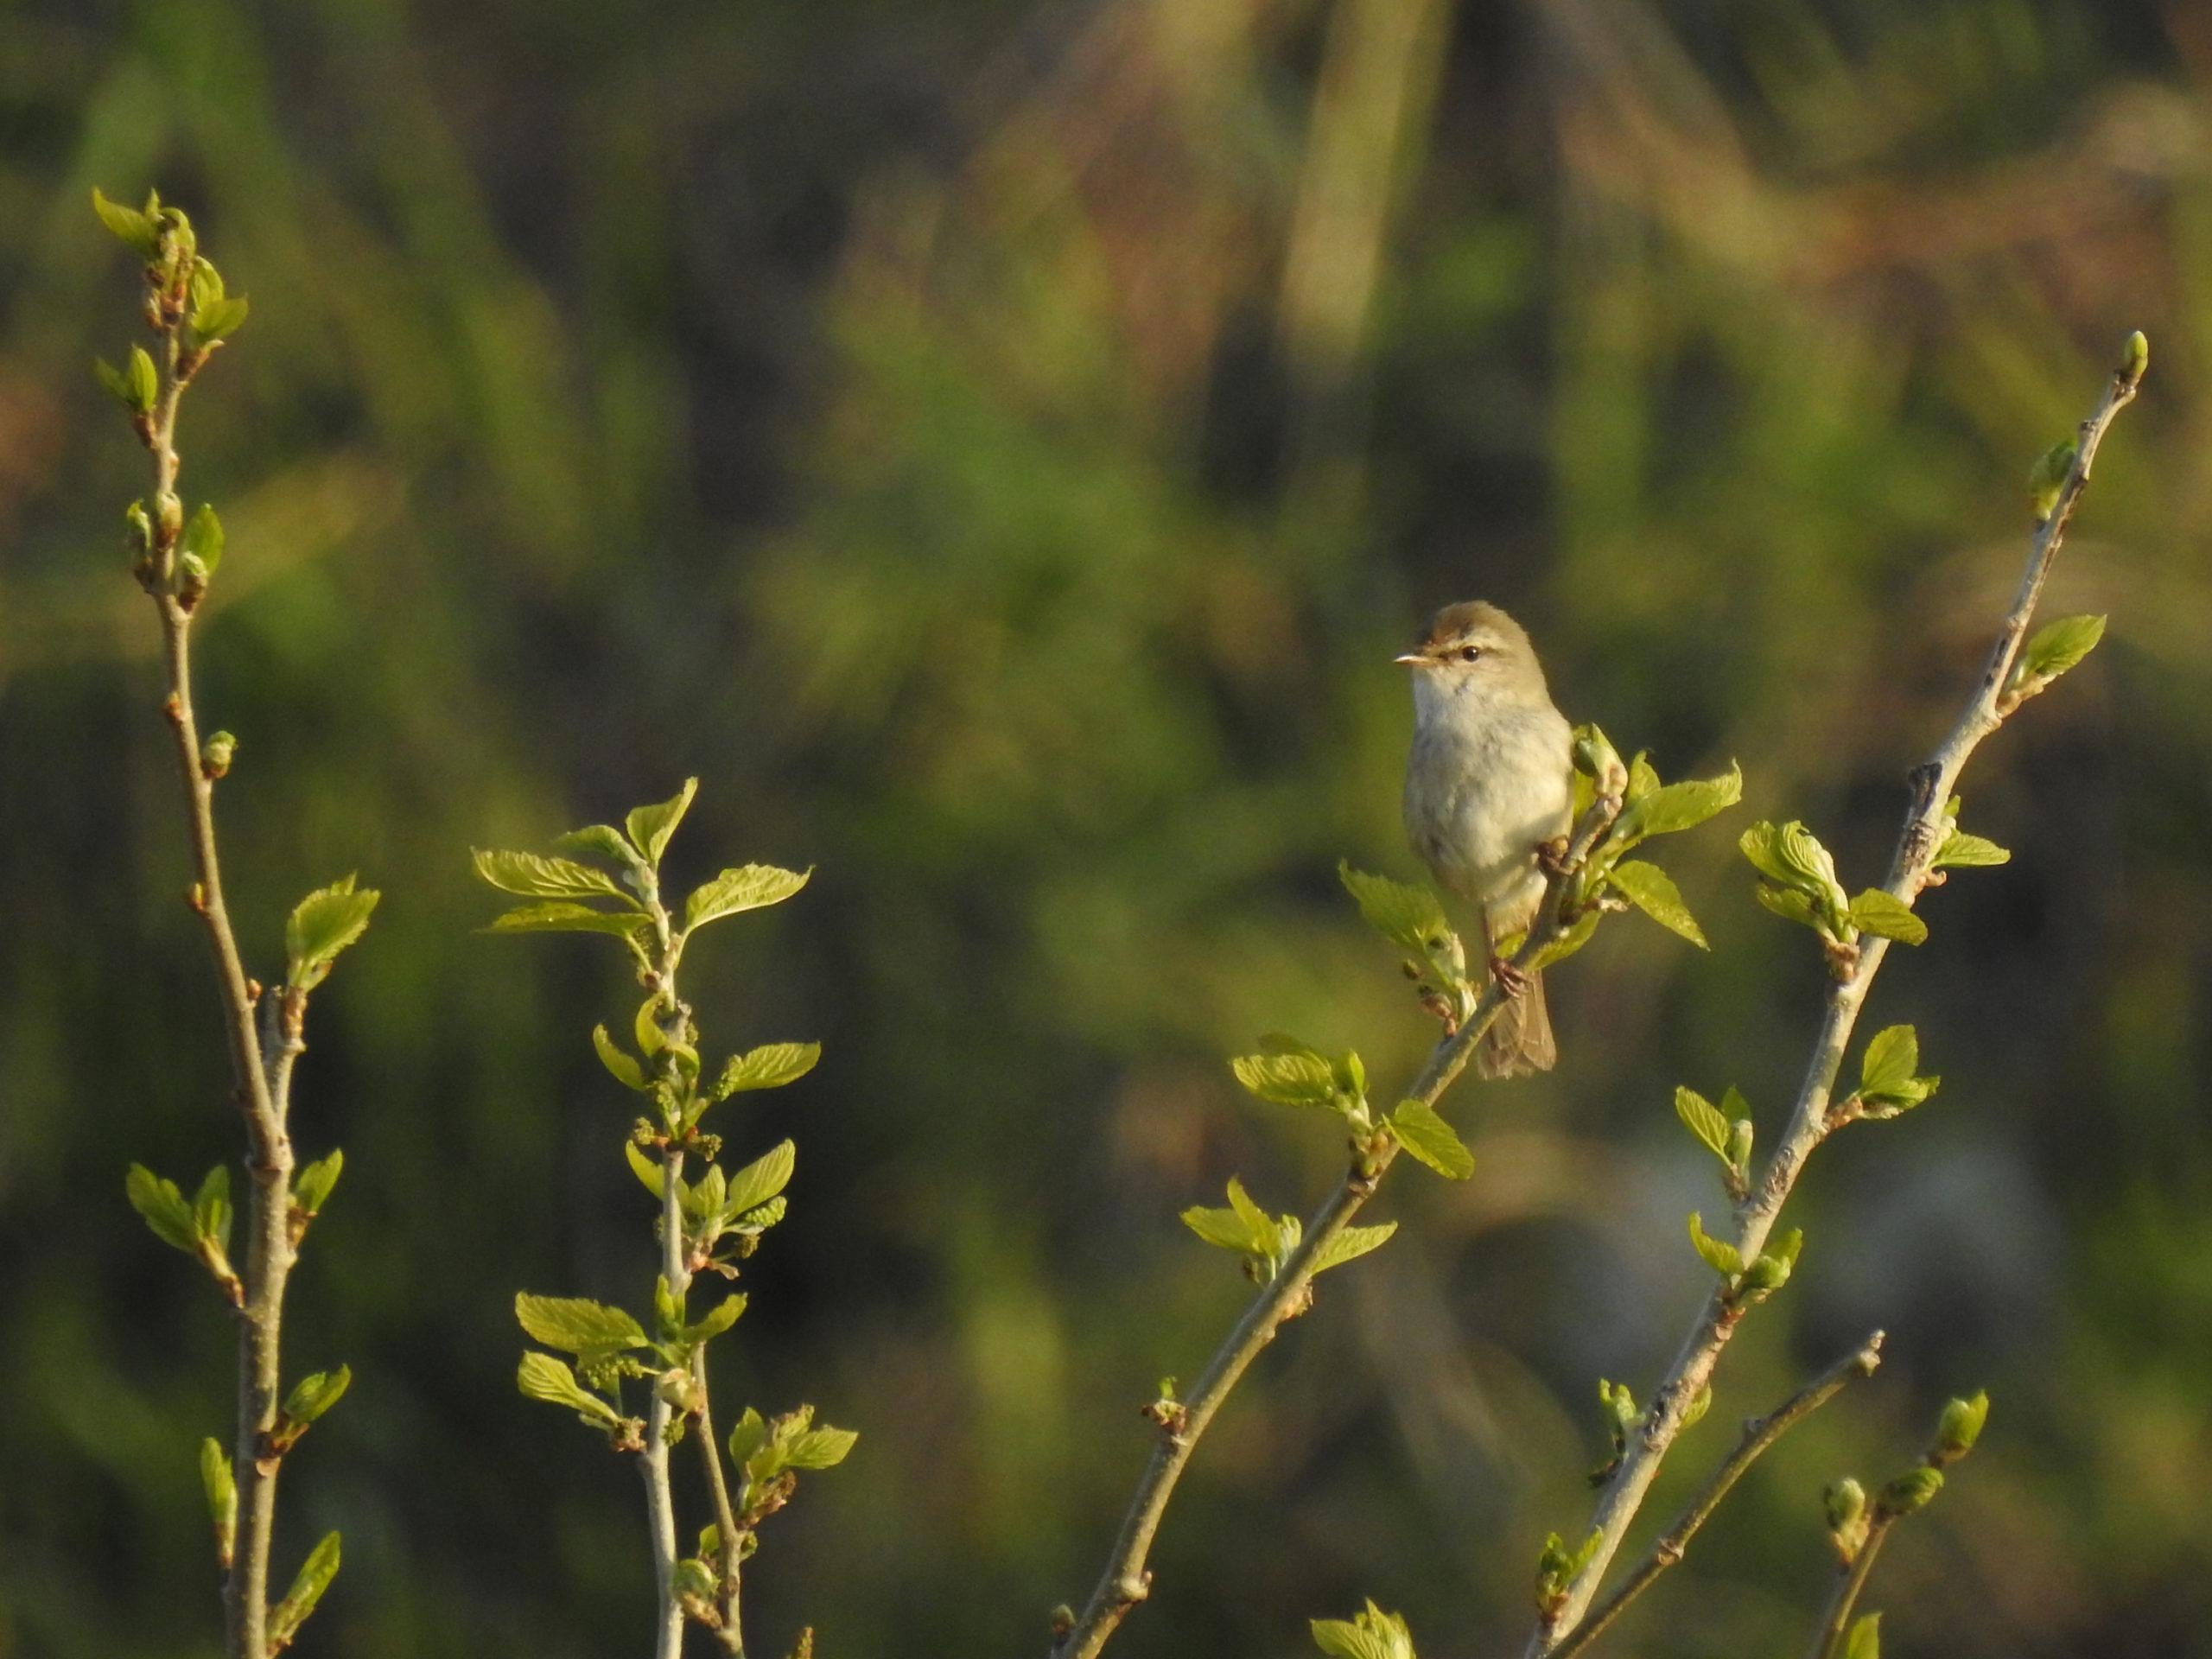 ホーホケキョ と 鳴く 鳥